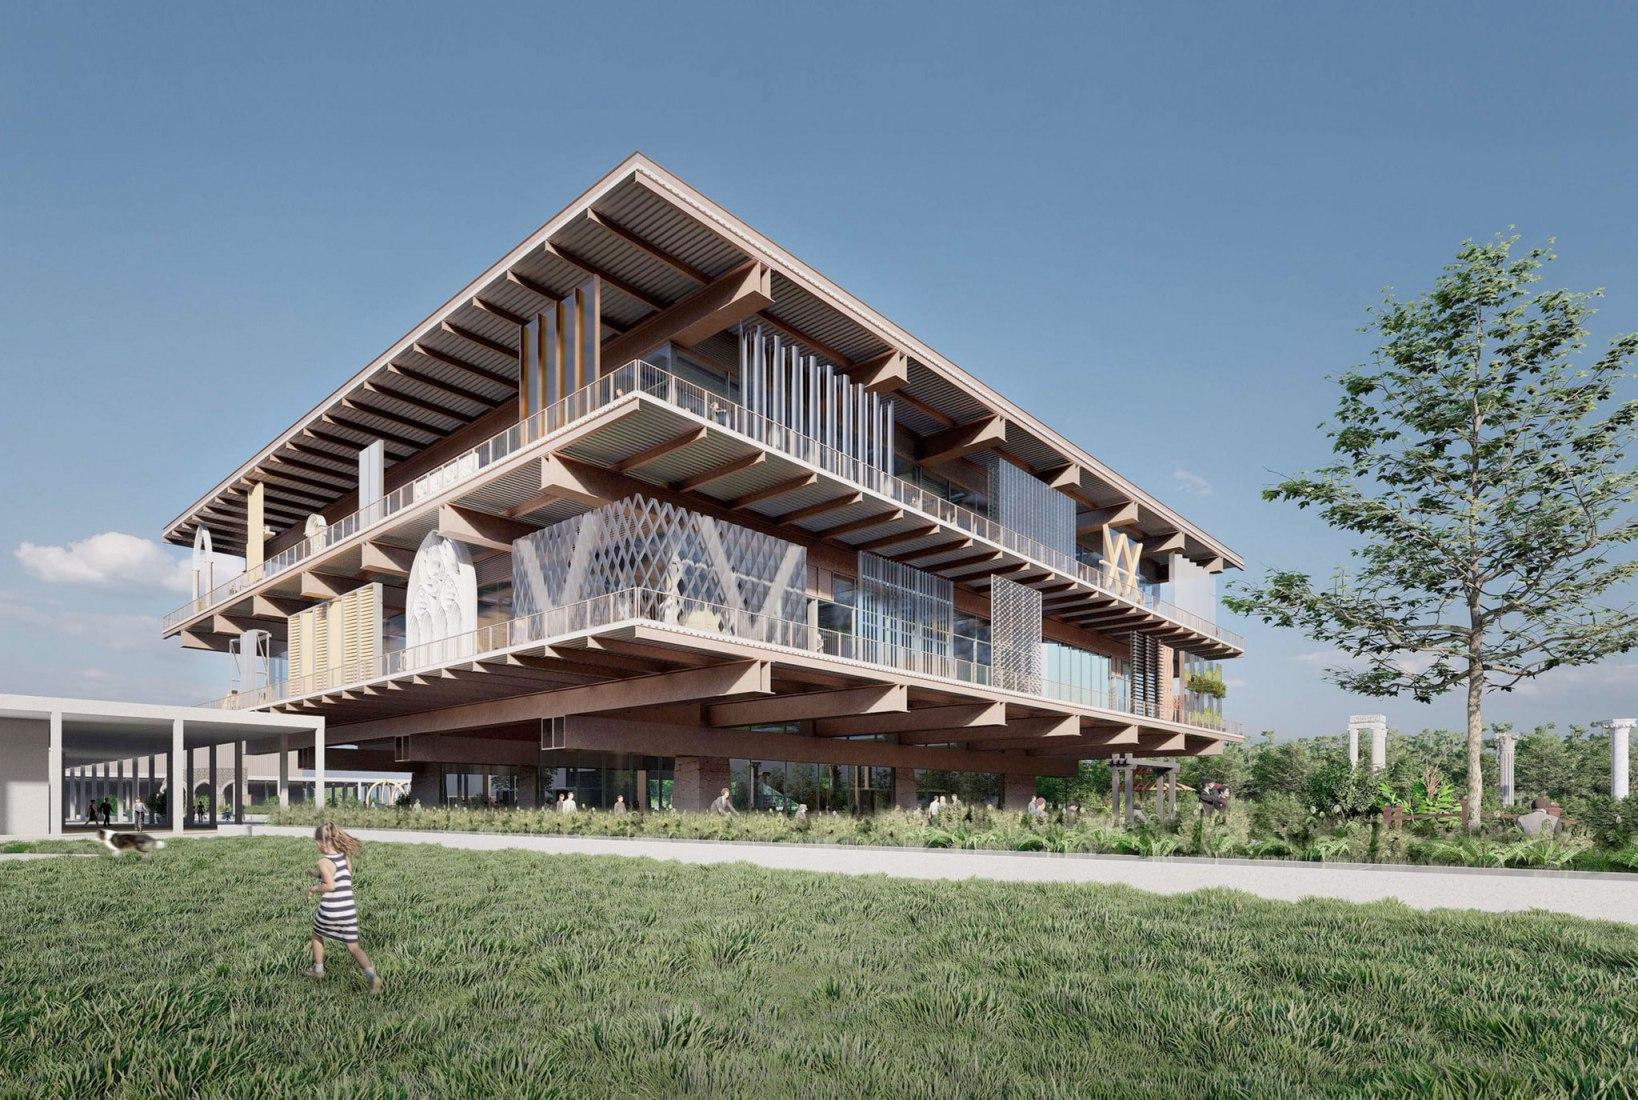 Visualización en esquina. Museo Coreano de Urbanismo y Arquitectura por AZPML + UKST